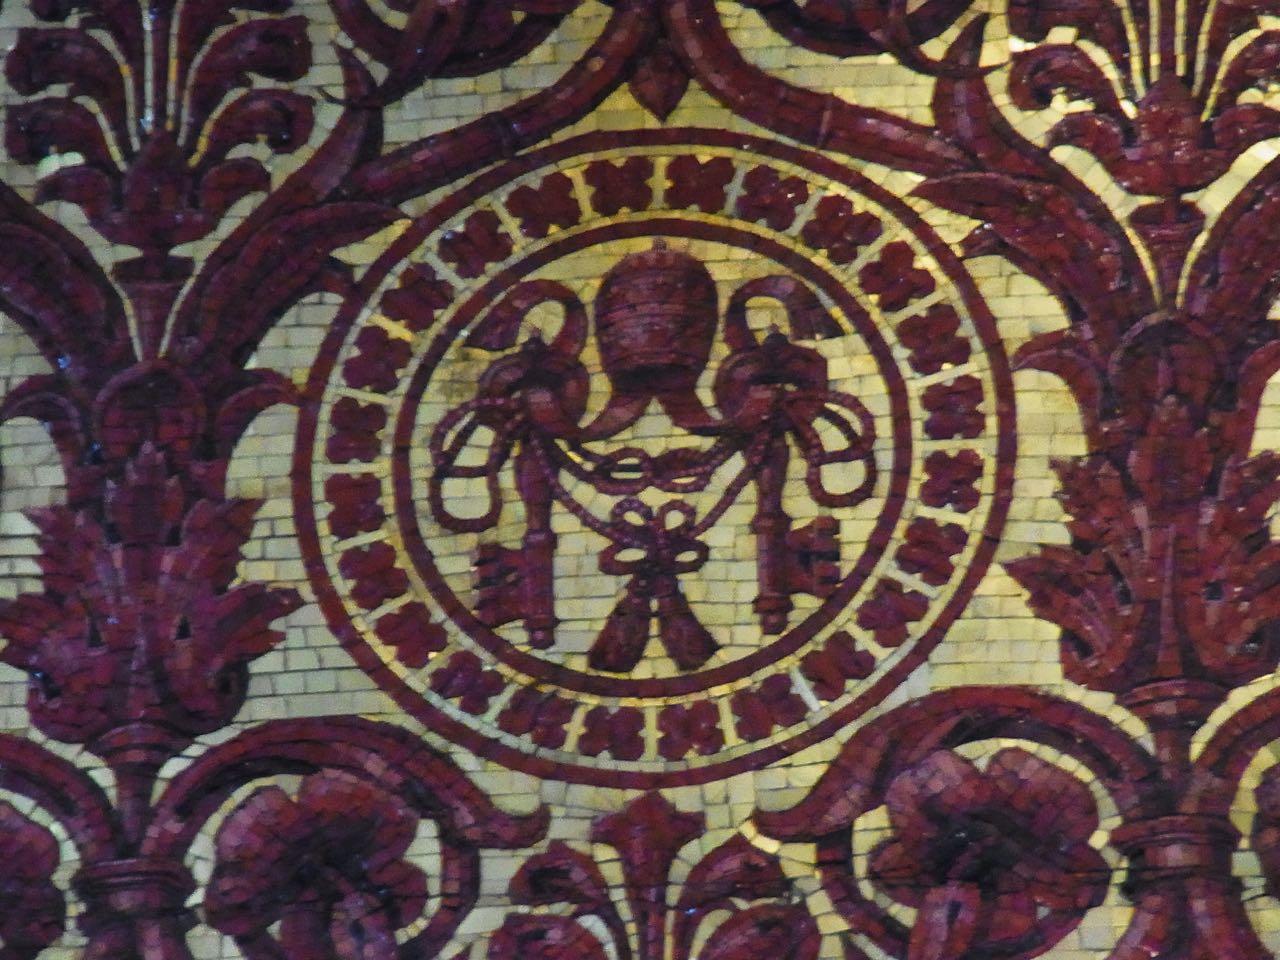 vatican08.jpg